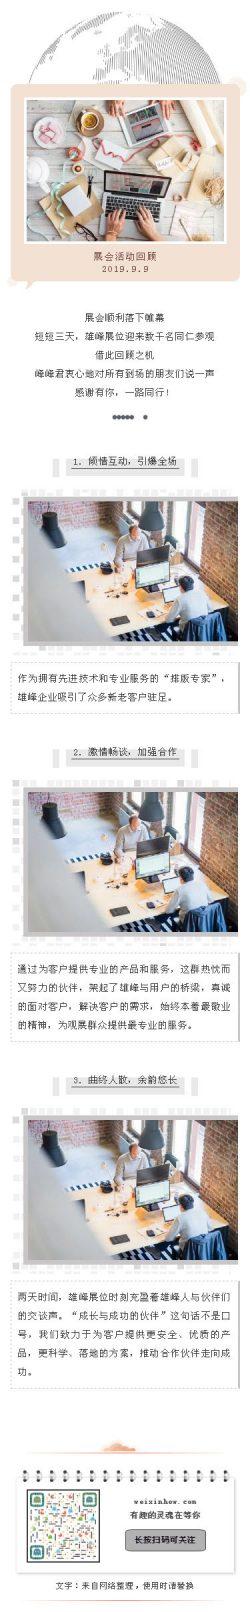 微信展会活动回顾公司企业推文推广微信模板动态背景图灰色简约